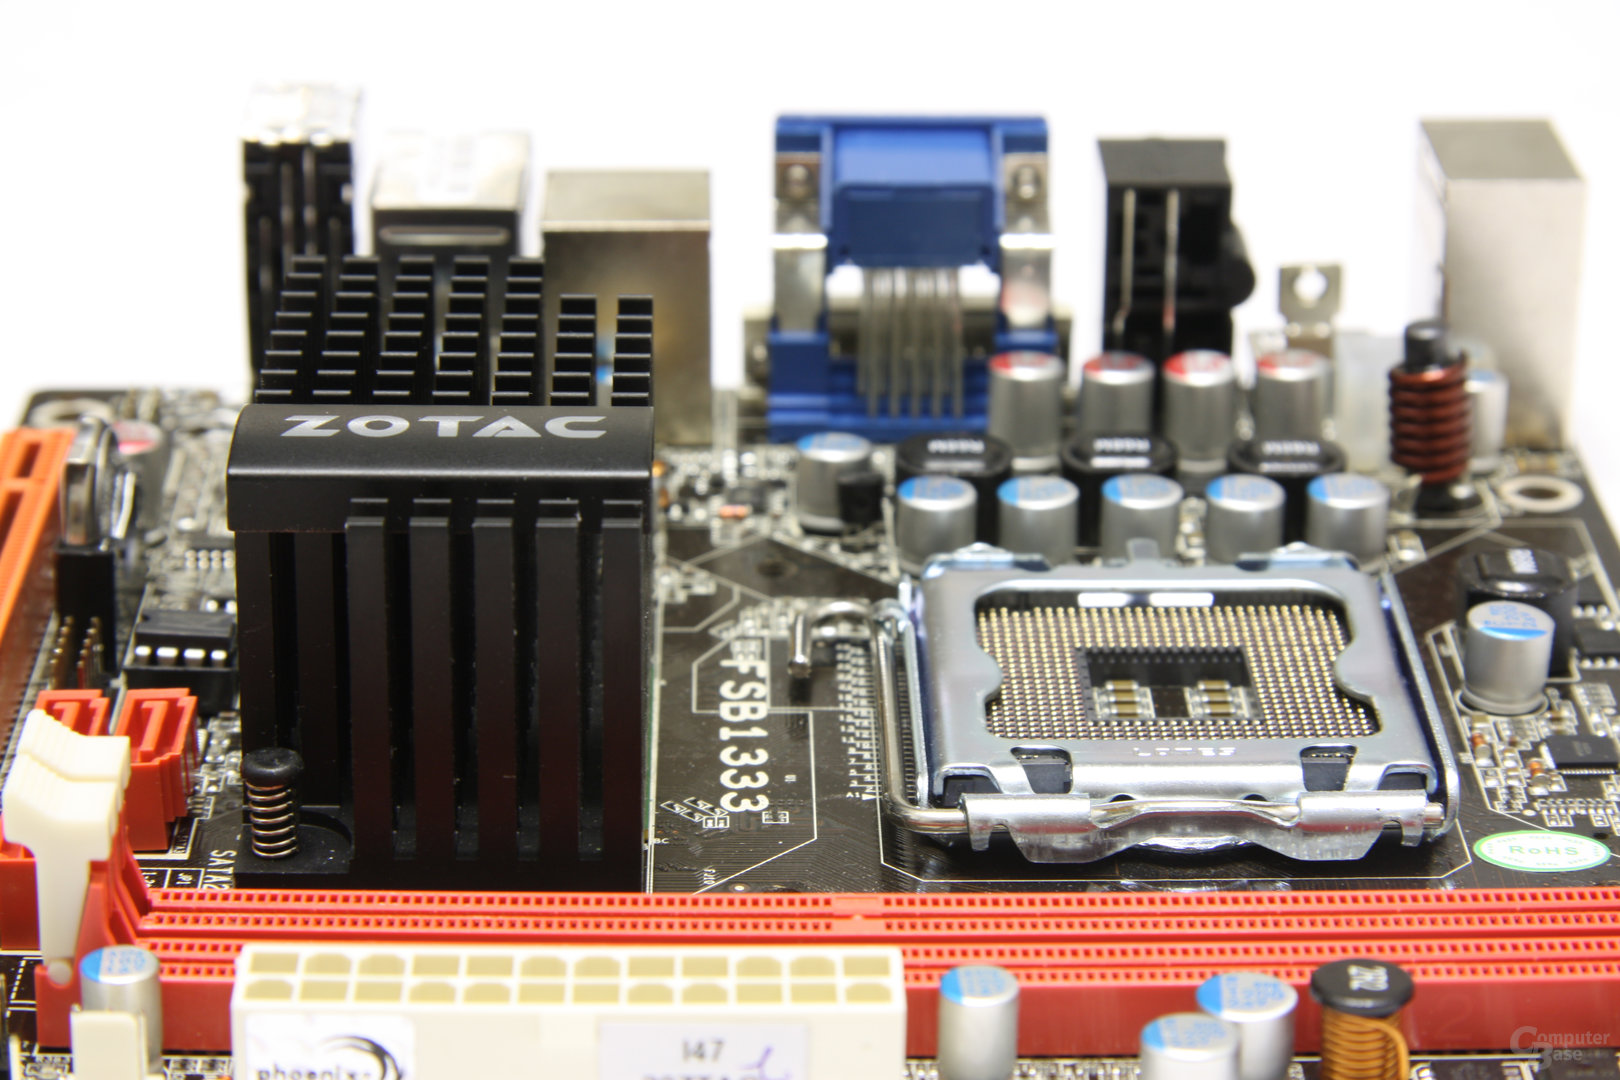 Zotac GeForce 9300 - Schrägansicht